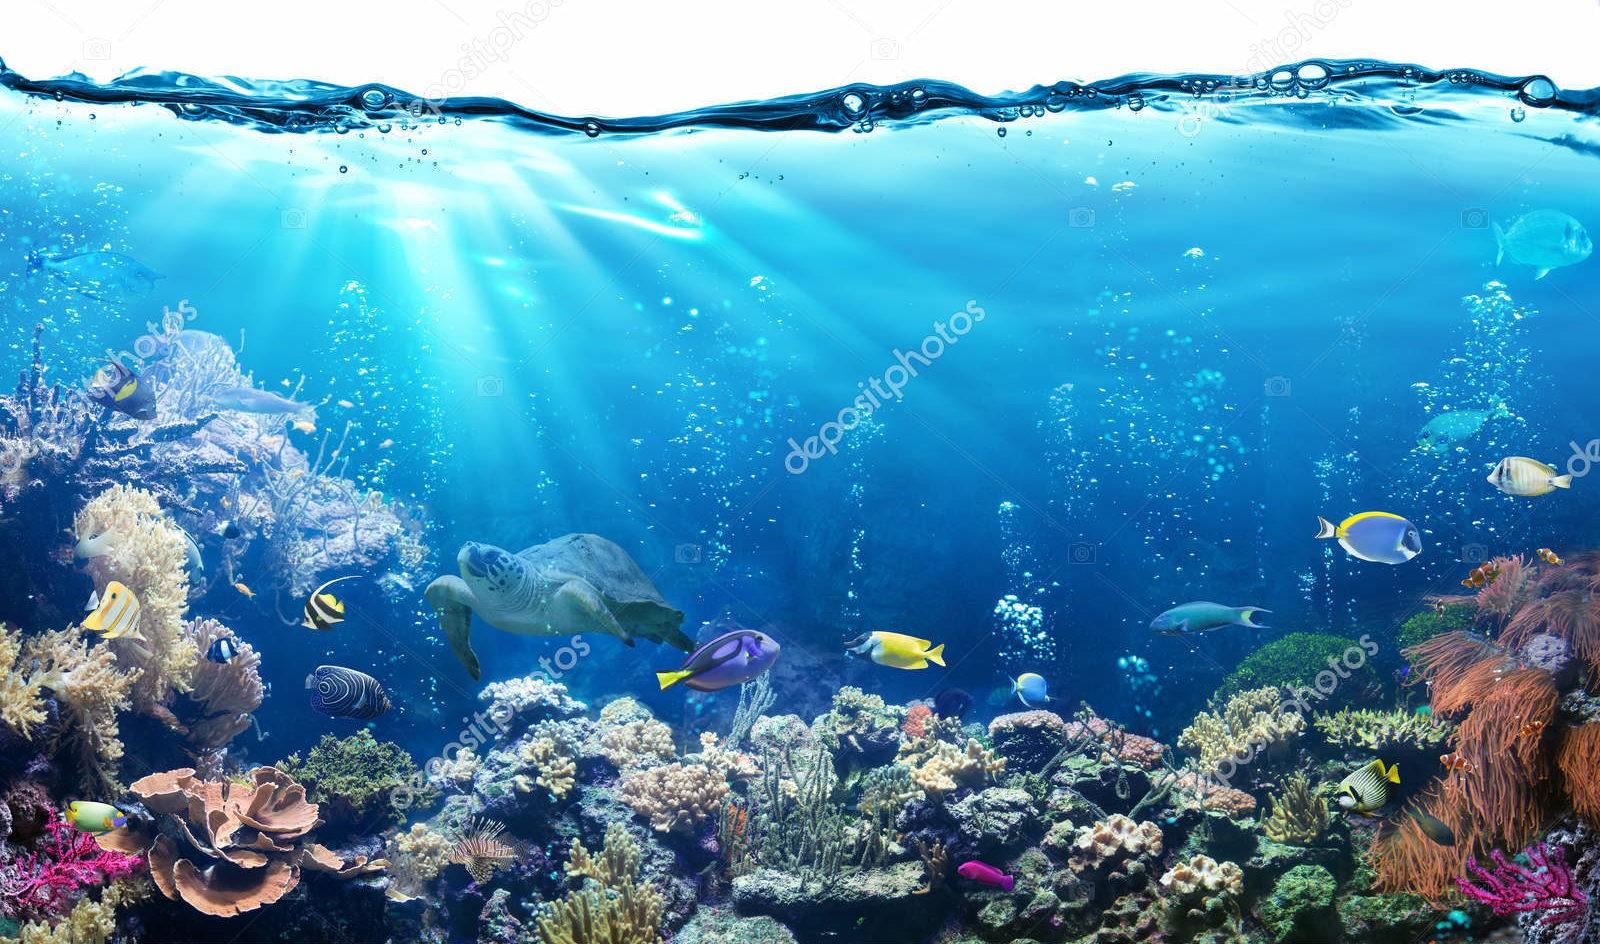 Подводные сцены с тропическими рыбами